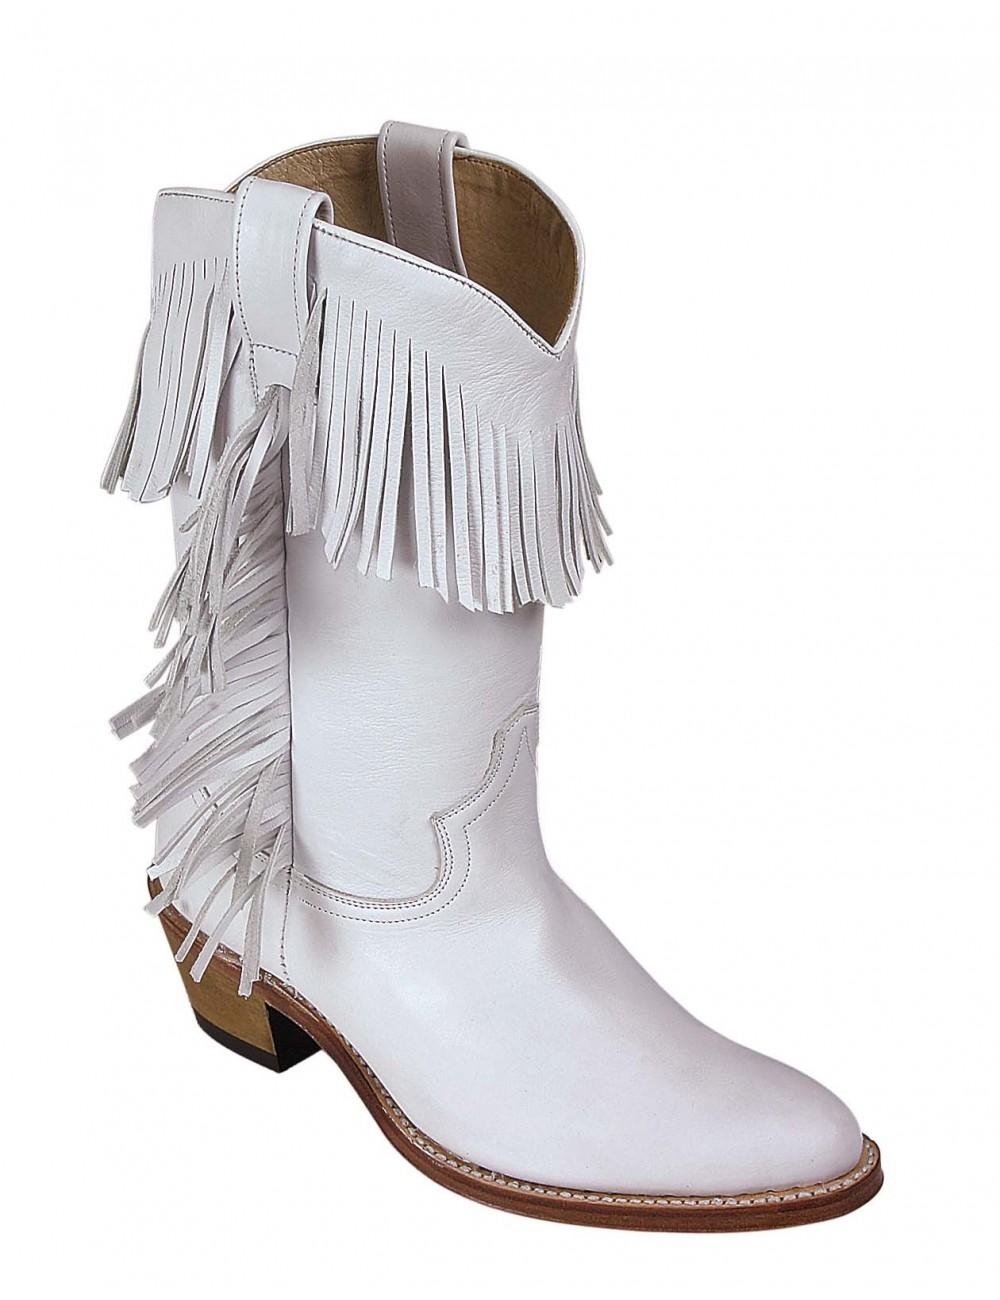 Bottes country cuir blanc franges sur mesure femme - Santiags sur mesure